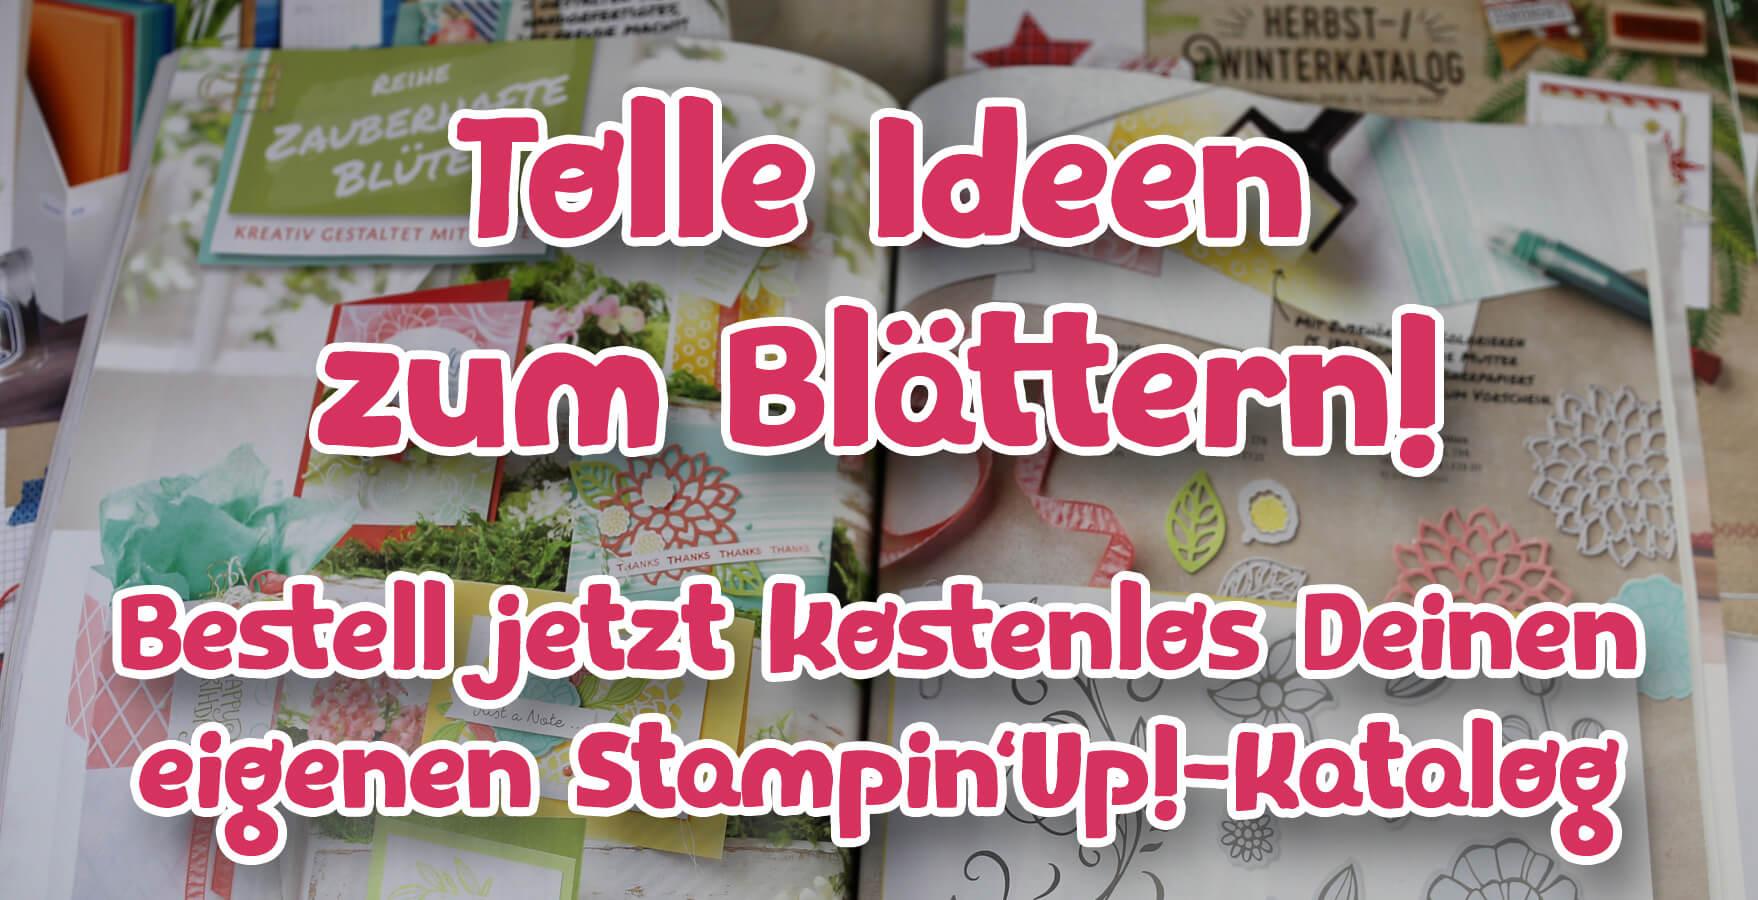 Bestell Dir Deinen eigenen Stampin' Up!-Katalog